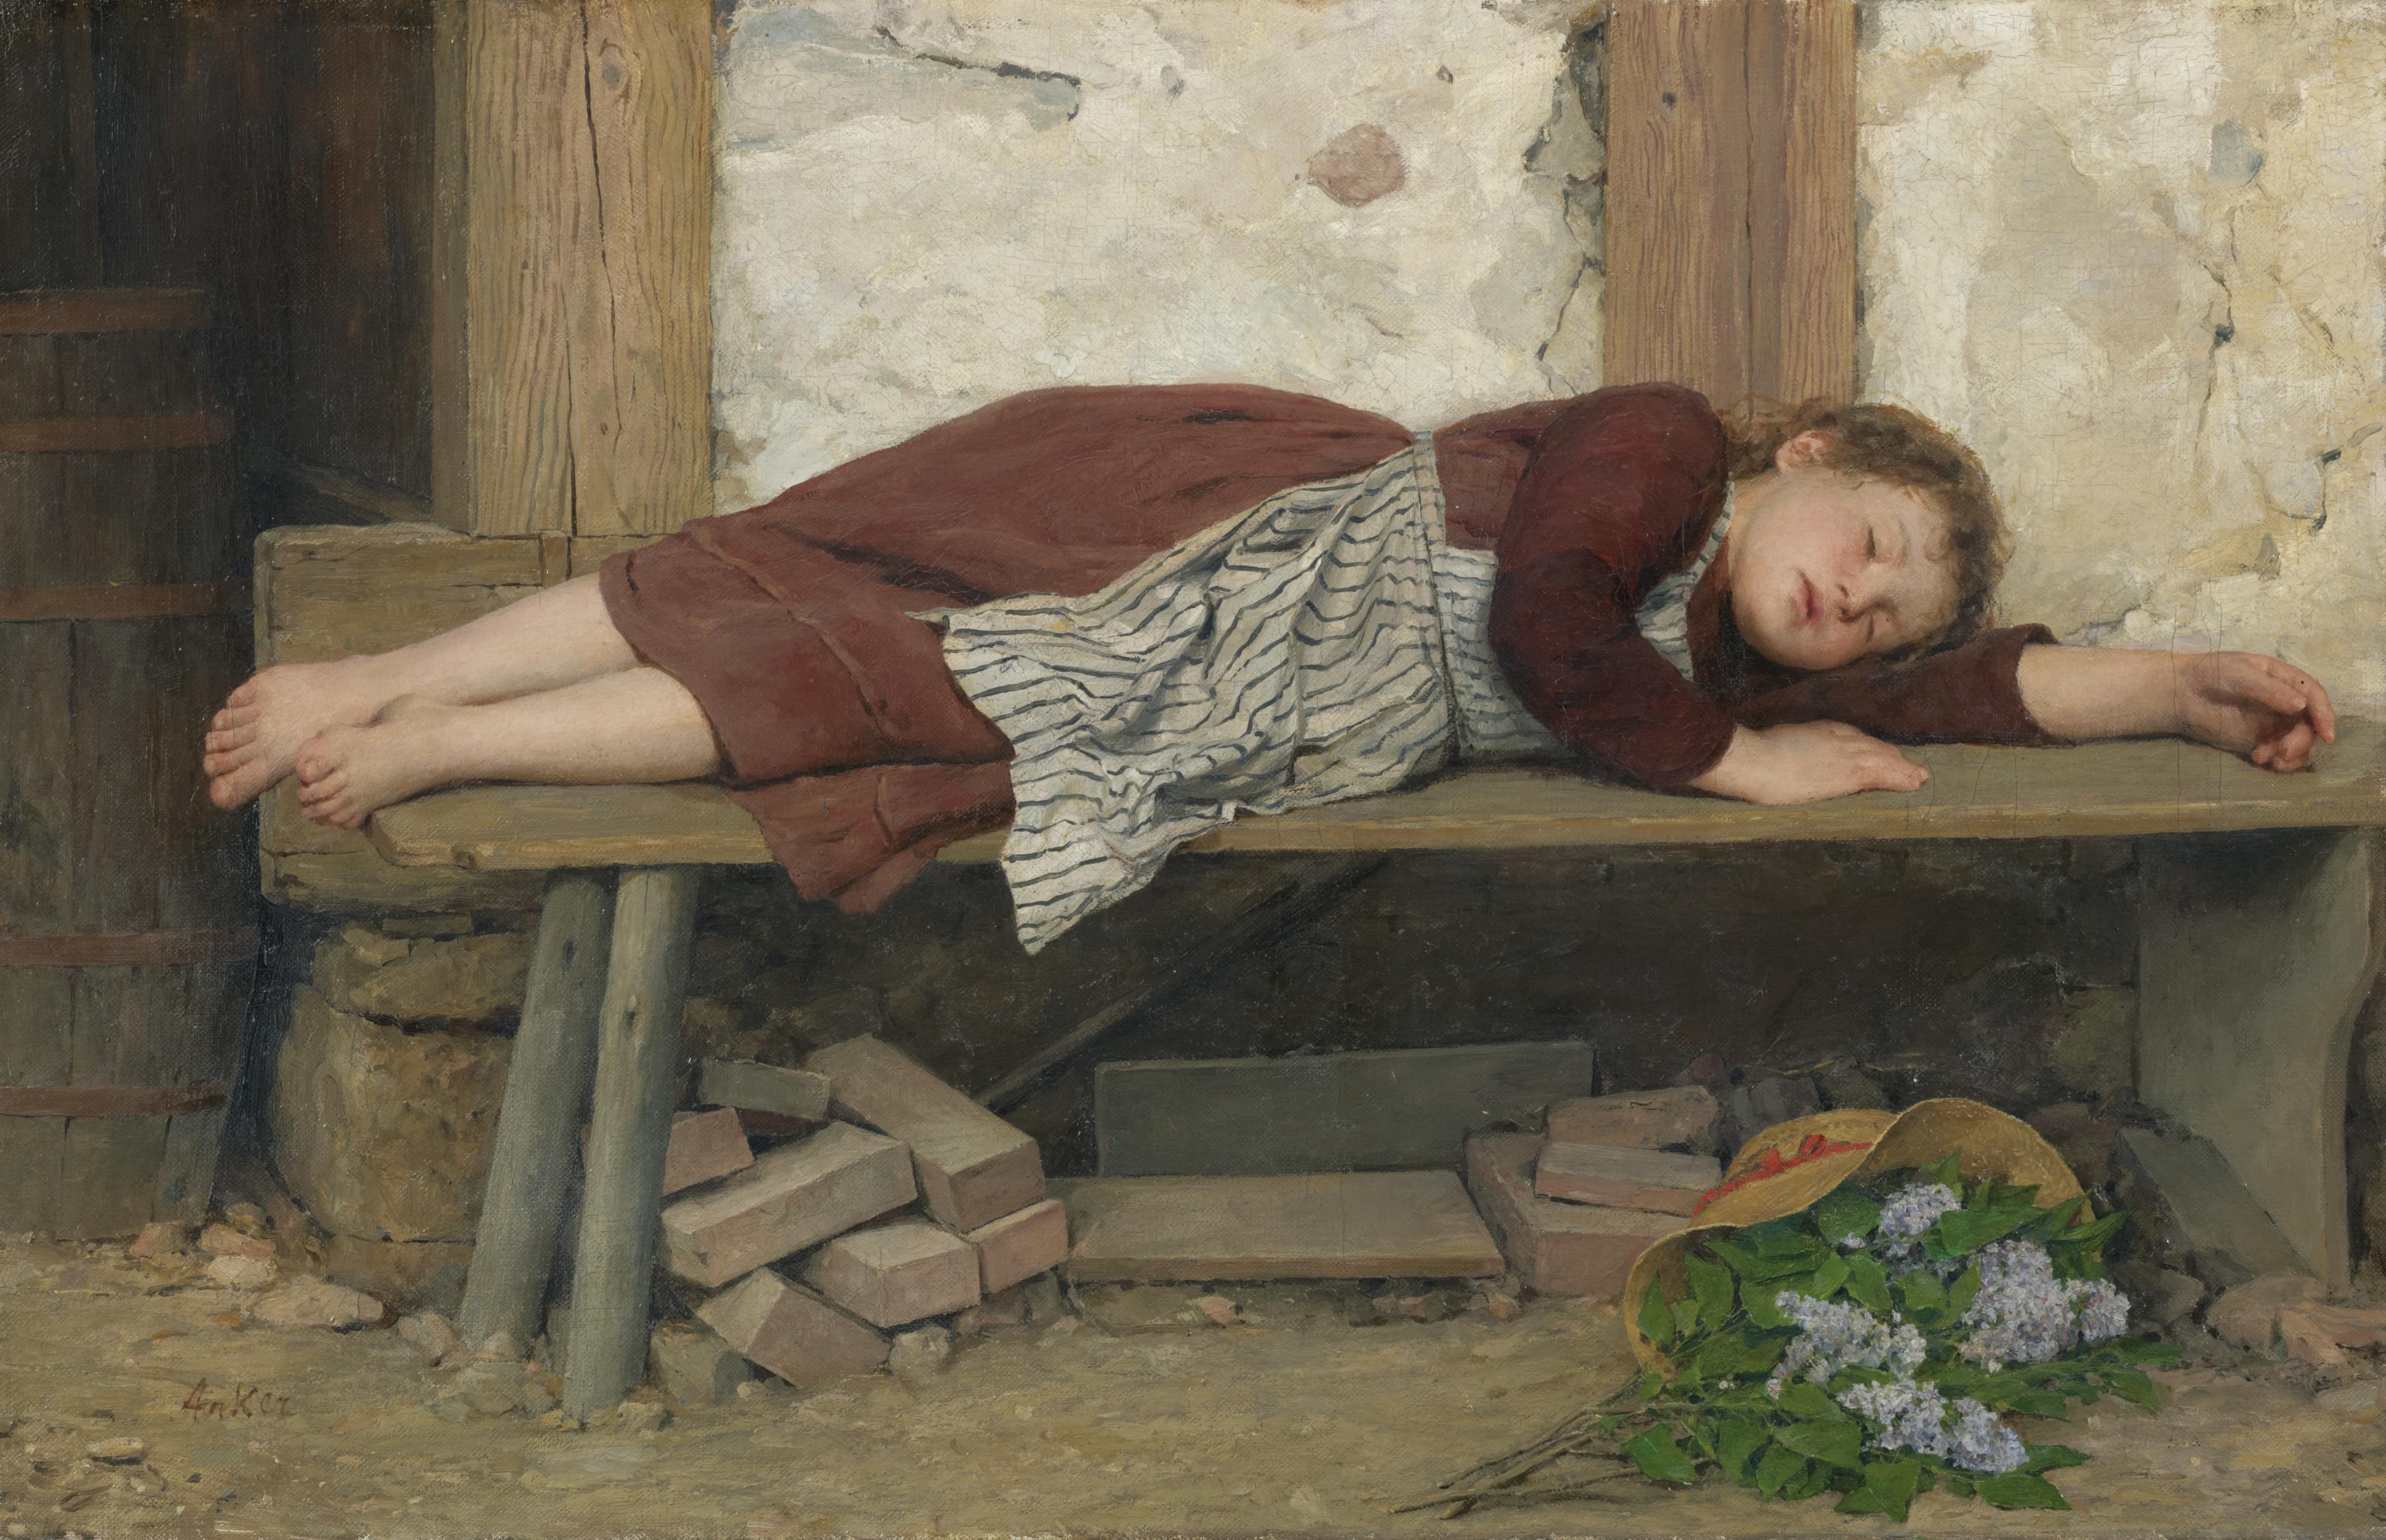 ízületi fájdalom alvás közben ozokerit kezelés artrózis esetén